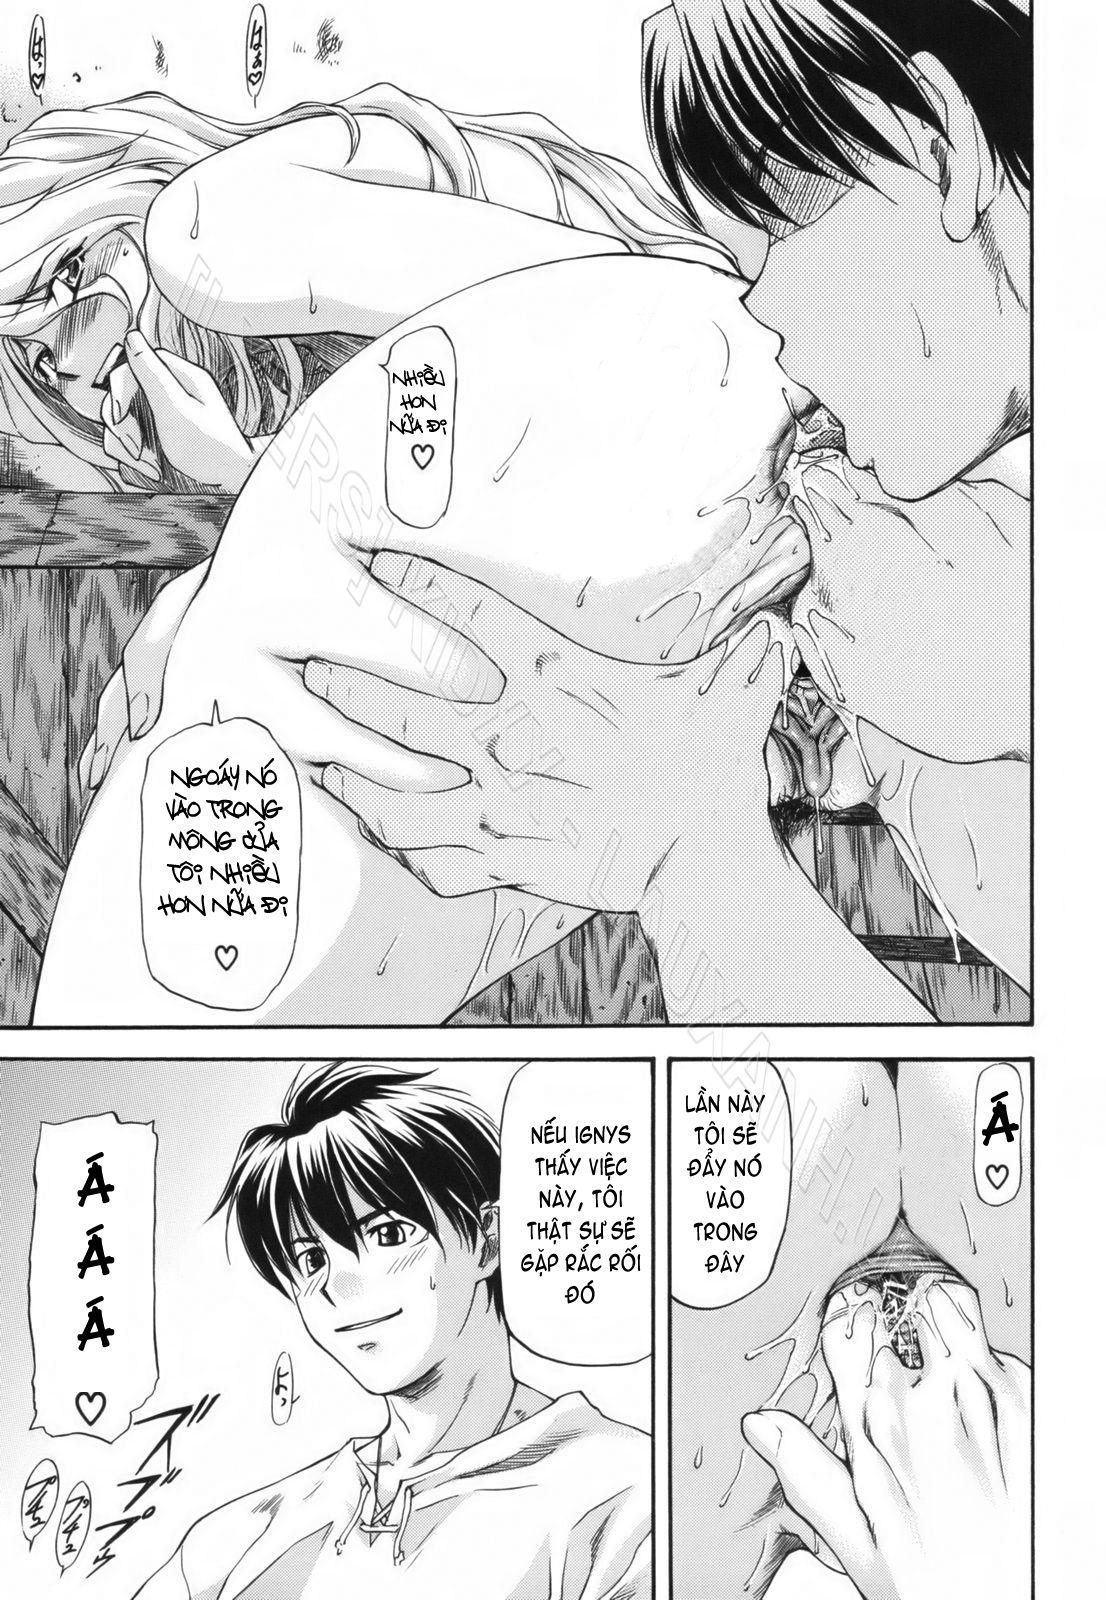 Hình ảnh Hinh_020 trong bài viết Truyện tranh hentai không che: Parabellum